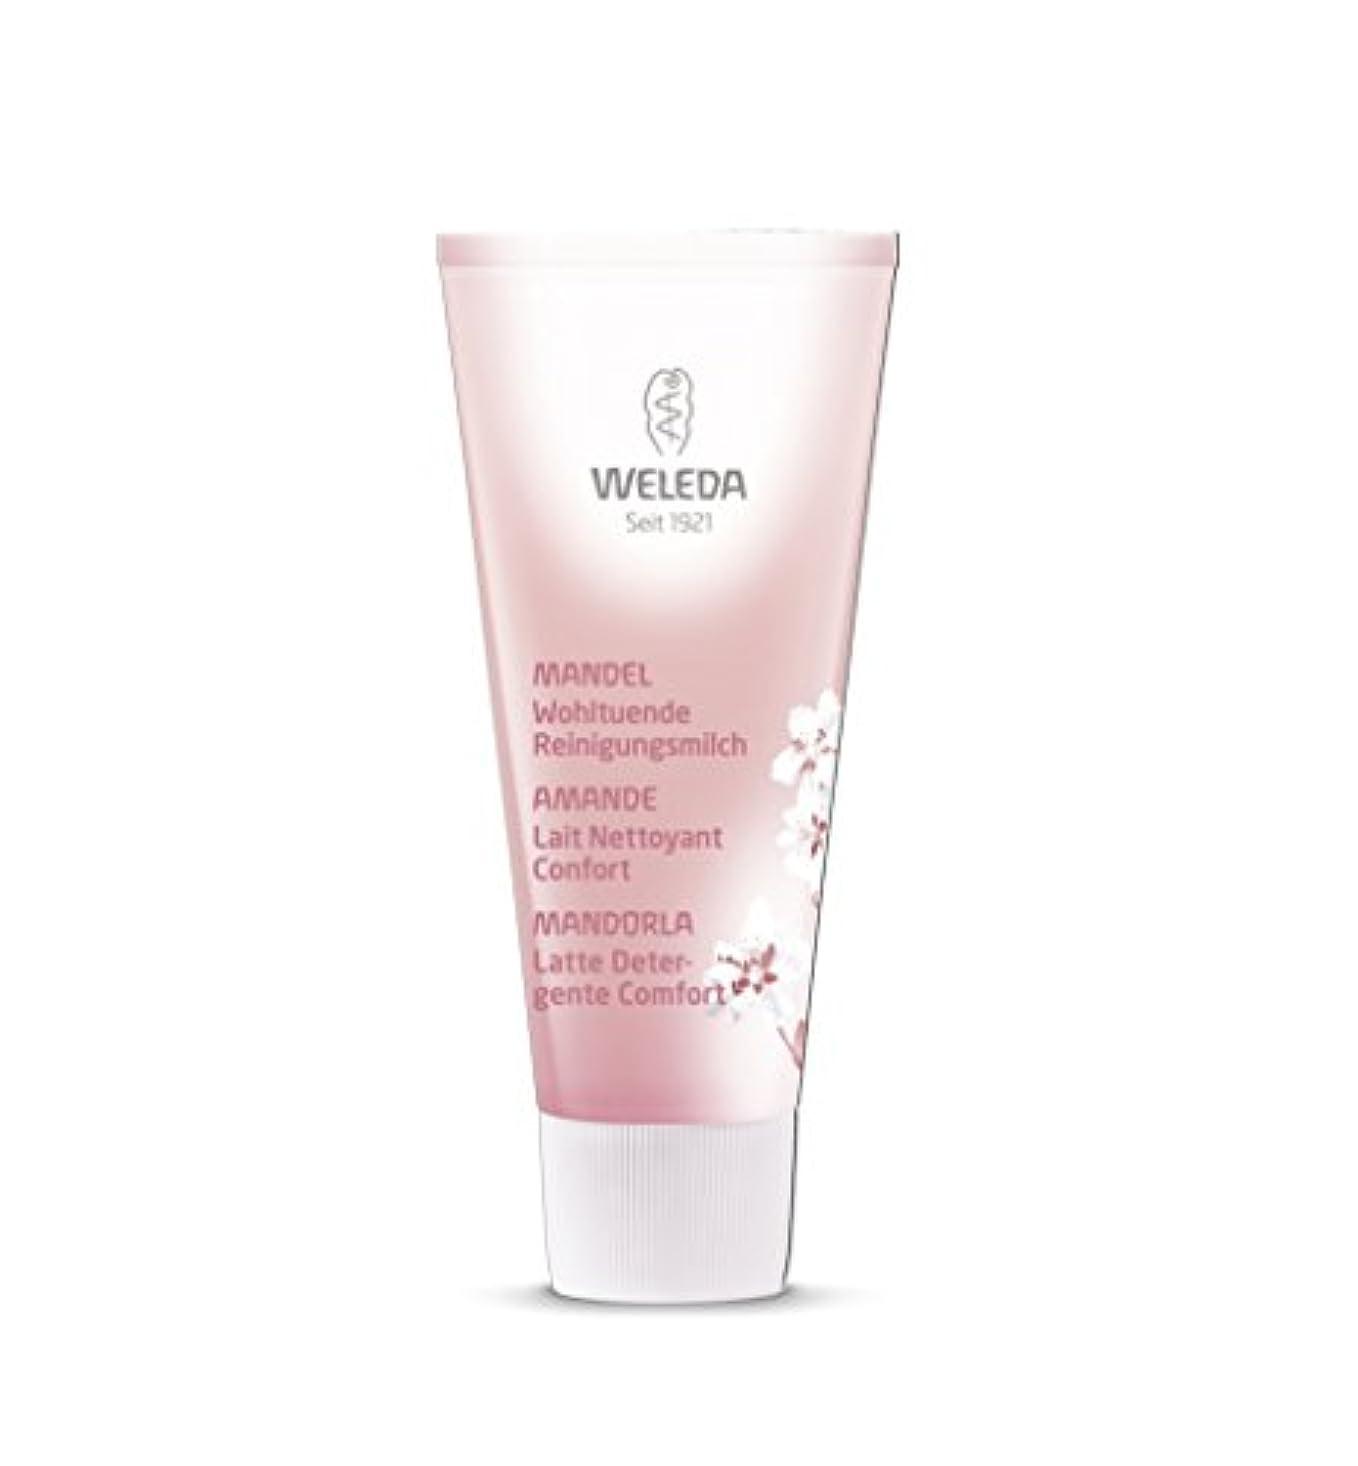 構造しなければならない承認WELEDA(ヴェレダ) アーモンドクレンジングミルク 75ml